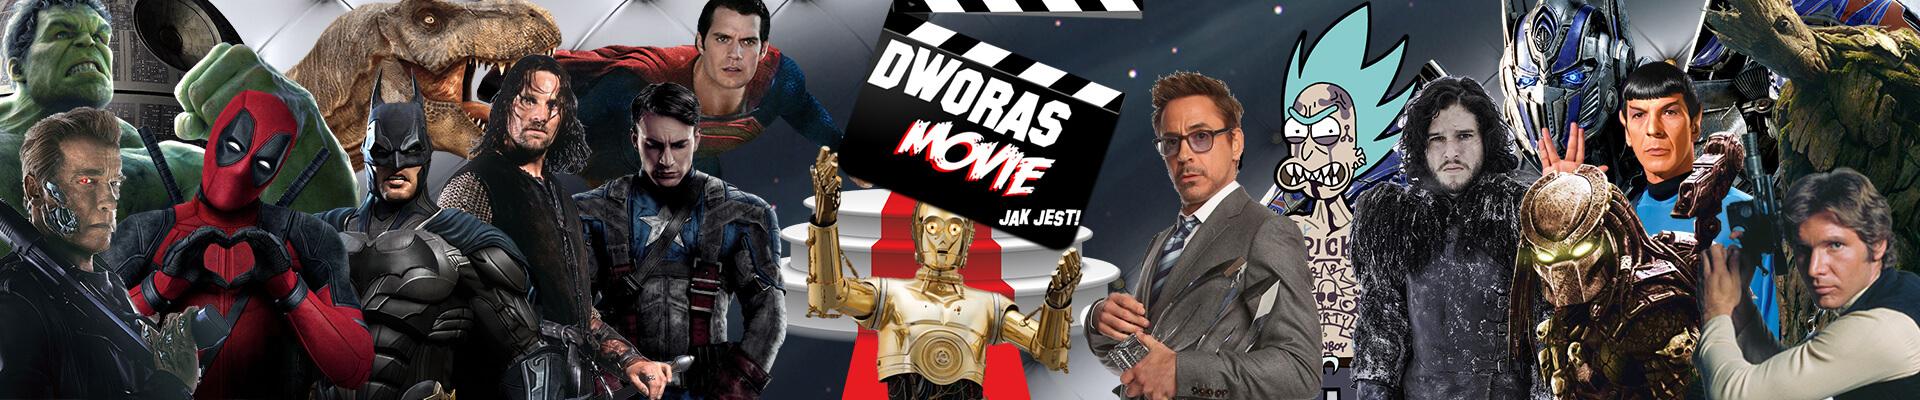 zdjęcie wyróżniające dla #DworasMovie WorldMaster